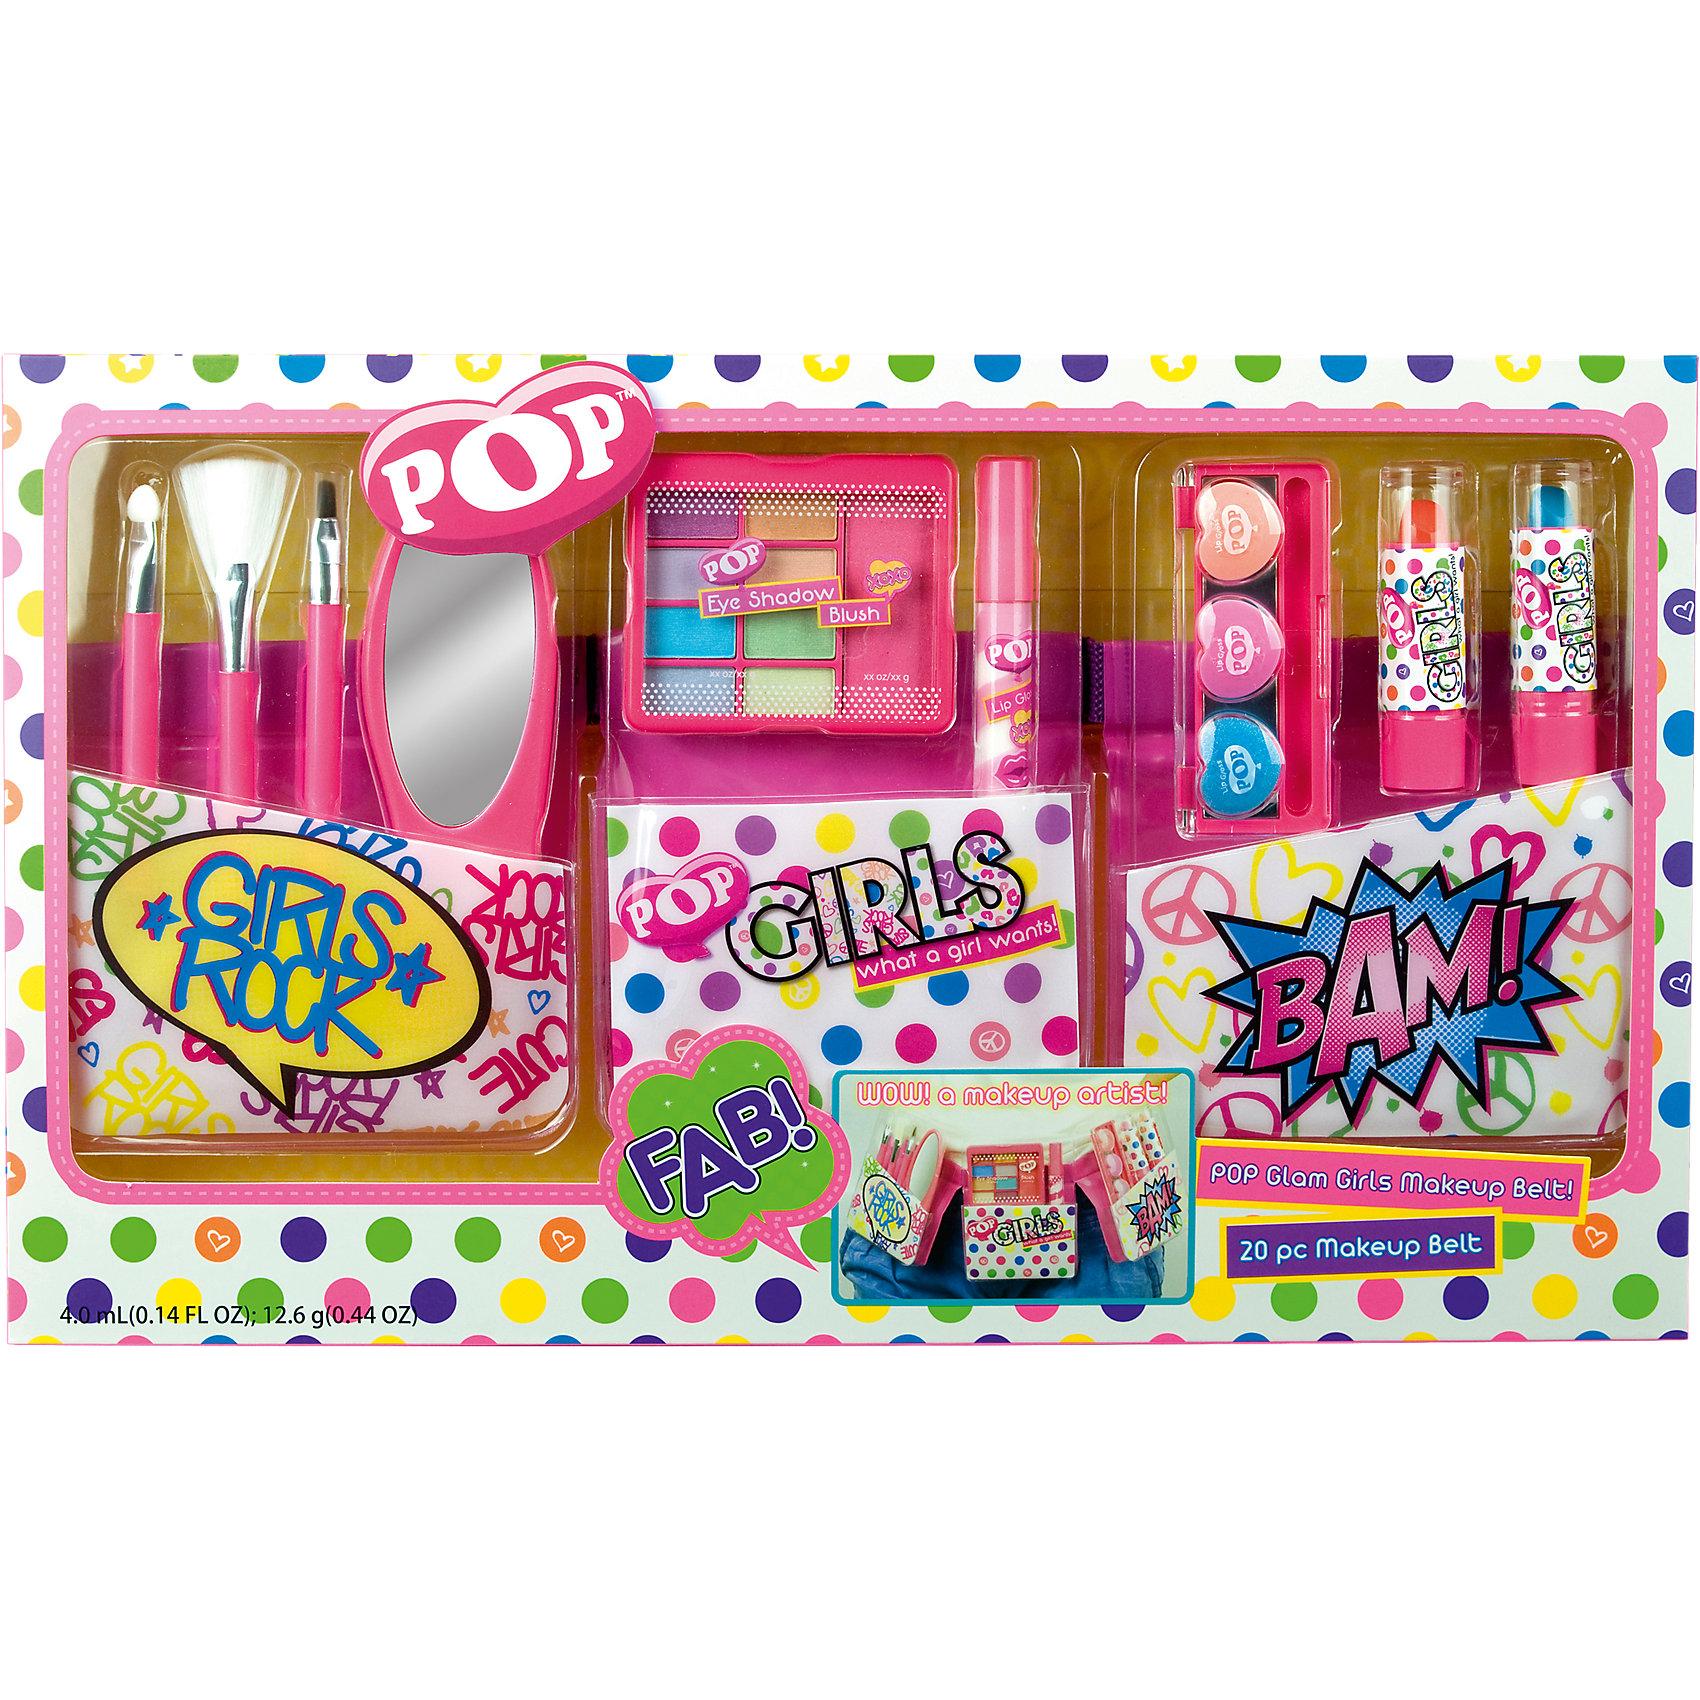 Игровой набор детской декоративной косметики POP с поясом визажистаКосметика, грим и парфюмерия<br>Игровой набор детской декоративной косметики POP с поясом визажиста, Markwins (Марквинс).<br><br>Характеристики:<br><br>• яркие цвета<br>• косметика полностью безопасна для ребенка<br>• пояс регулируется<br>• в комплекте: пояс визажиста, палитра теней для век, румяна, блеск для губ с аппликатором, палитра блесков для губ в футляре с зеркальцем, губные помады в футляре, аппликатор,2 кисти , зеркало <br>• размер: 39х4х23 см<br>• вес: 380 грамм<br>• перед первым применением рекомендуется провести тест на аллергию: нанесите немного косметики на кожу на 30-40 минут и проверьте реакцию<br><br>Игровой набор POP идеально подойдет девочкам, который мечтают стать визажистами, ведь в нем есть всё, что потребуется начинающему мастеру: тени, помады, блески для губ, зеркало и кисти. Вся косметика представлена в нескольких цветовых оттенках. Косметика полностью безопасна для ребенка и легко смывается водой в случае неудачного нанесения. С помощью этого набора девочка научится создавать прекрасный макияж себе или подружкам!<br><br>Игровой набор детской декоративной косметики POP с поясом визажиста вы можете купить в нашем интернет-магазине.<br><br>Ширина мм: 390<br>Глубина мм: 38<br>Высота мм: 228<br>Вес г: 346<br>Возраст от месяцев: 48<br>Возраст до месяцев: 108<br>Пол: Женский<br>Возраст: Детский<br>SKU: 4540667